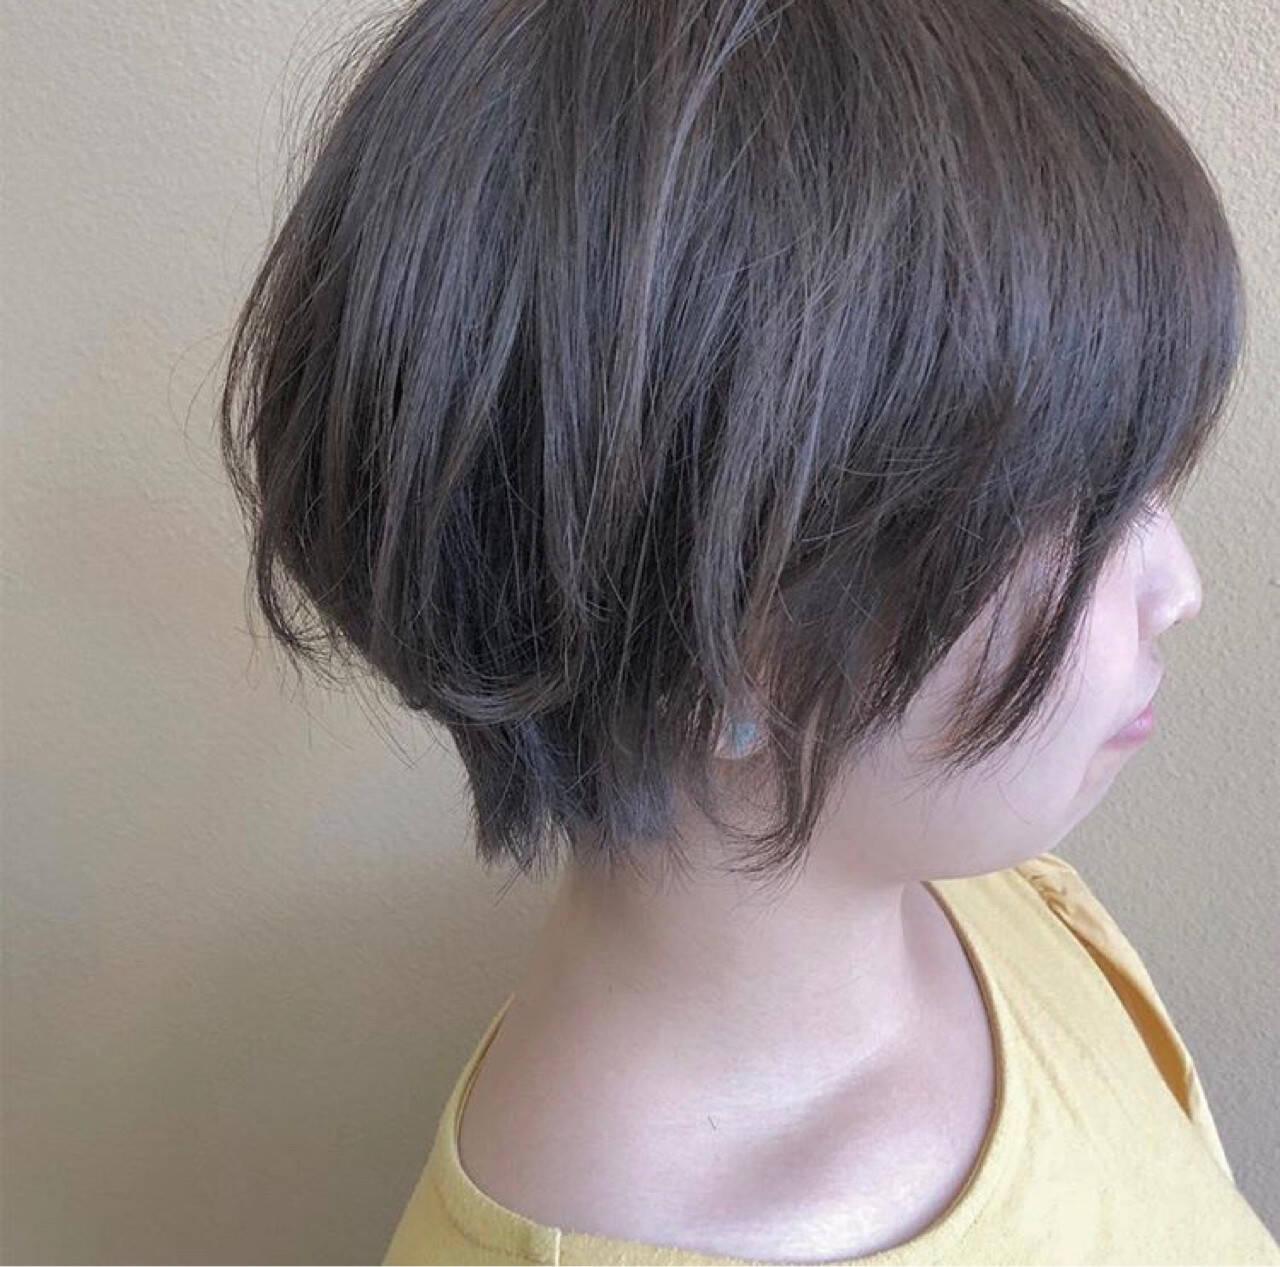 スモーキーアッシュ アッシュ ショート ナチュラルヘアスタイルや髪型の写真・画像